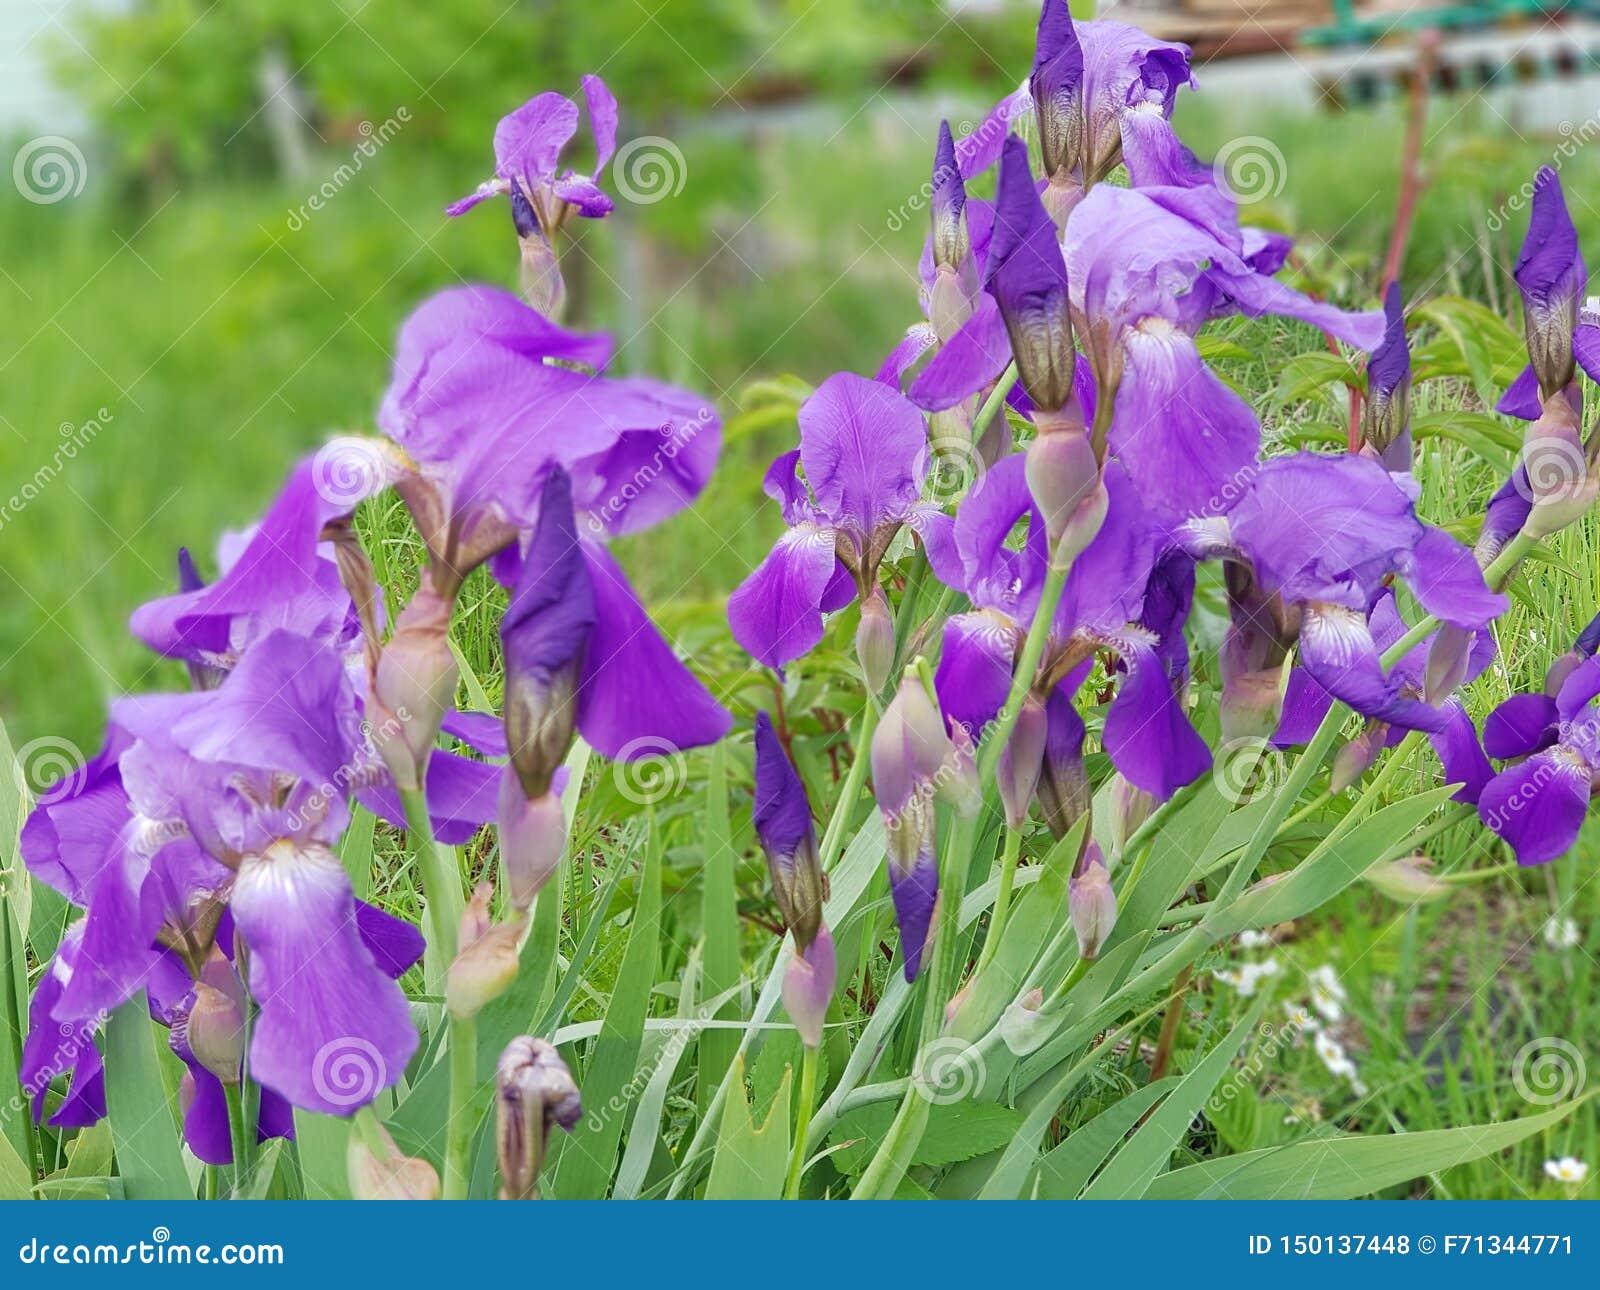 Amazing iris bloom in the garden